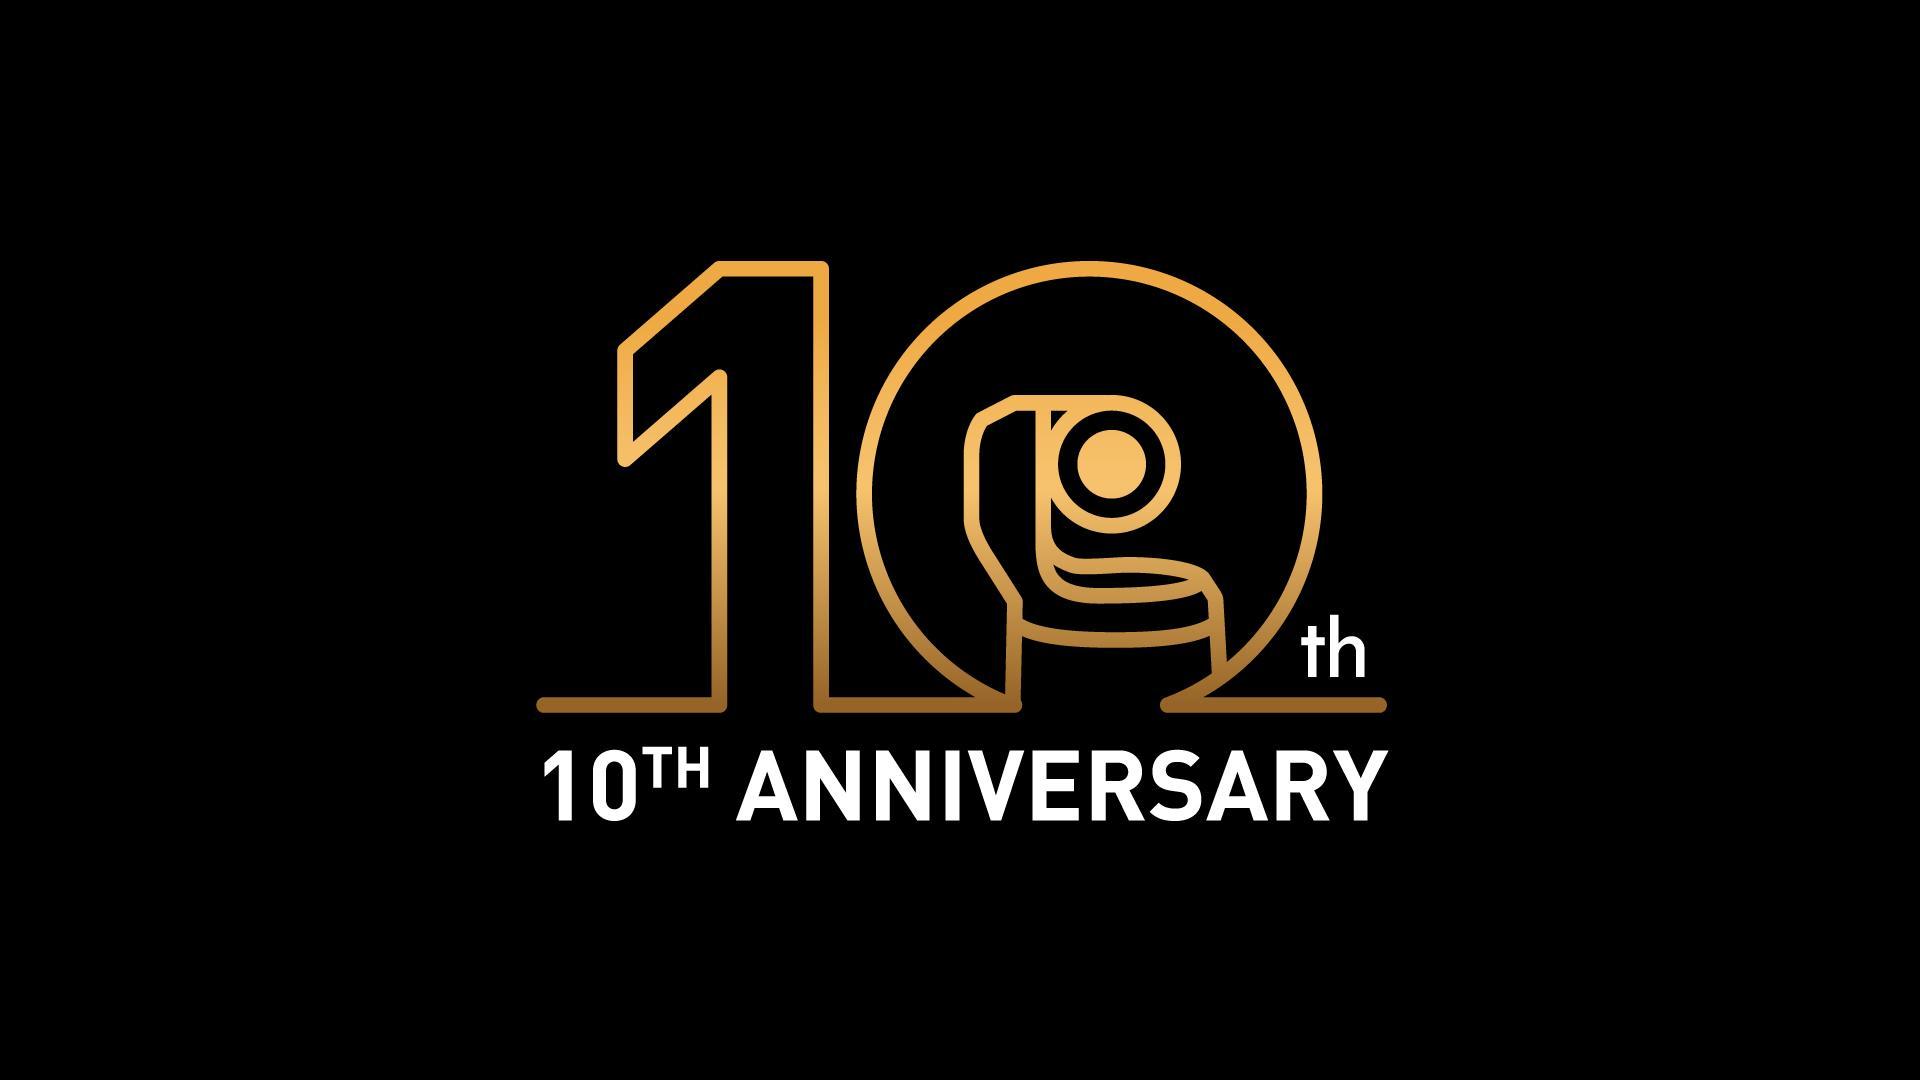 パナソニックリモートカメラ10周年ロゴ